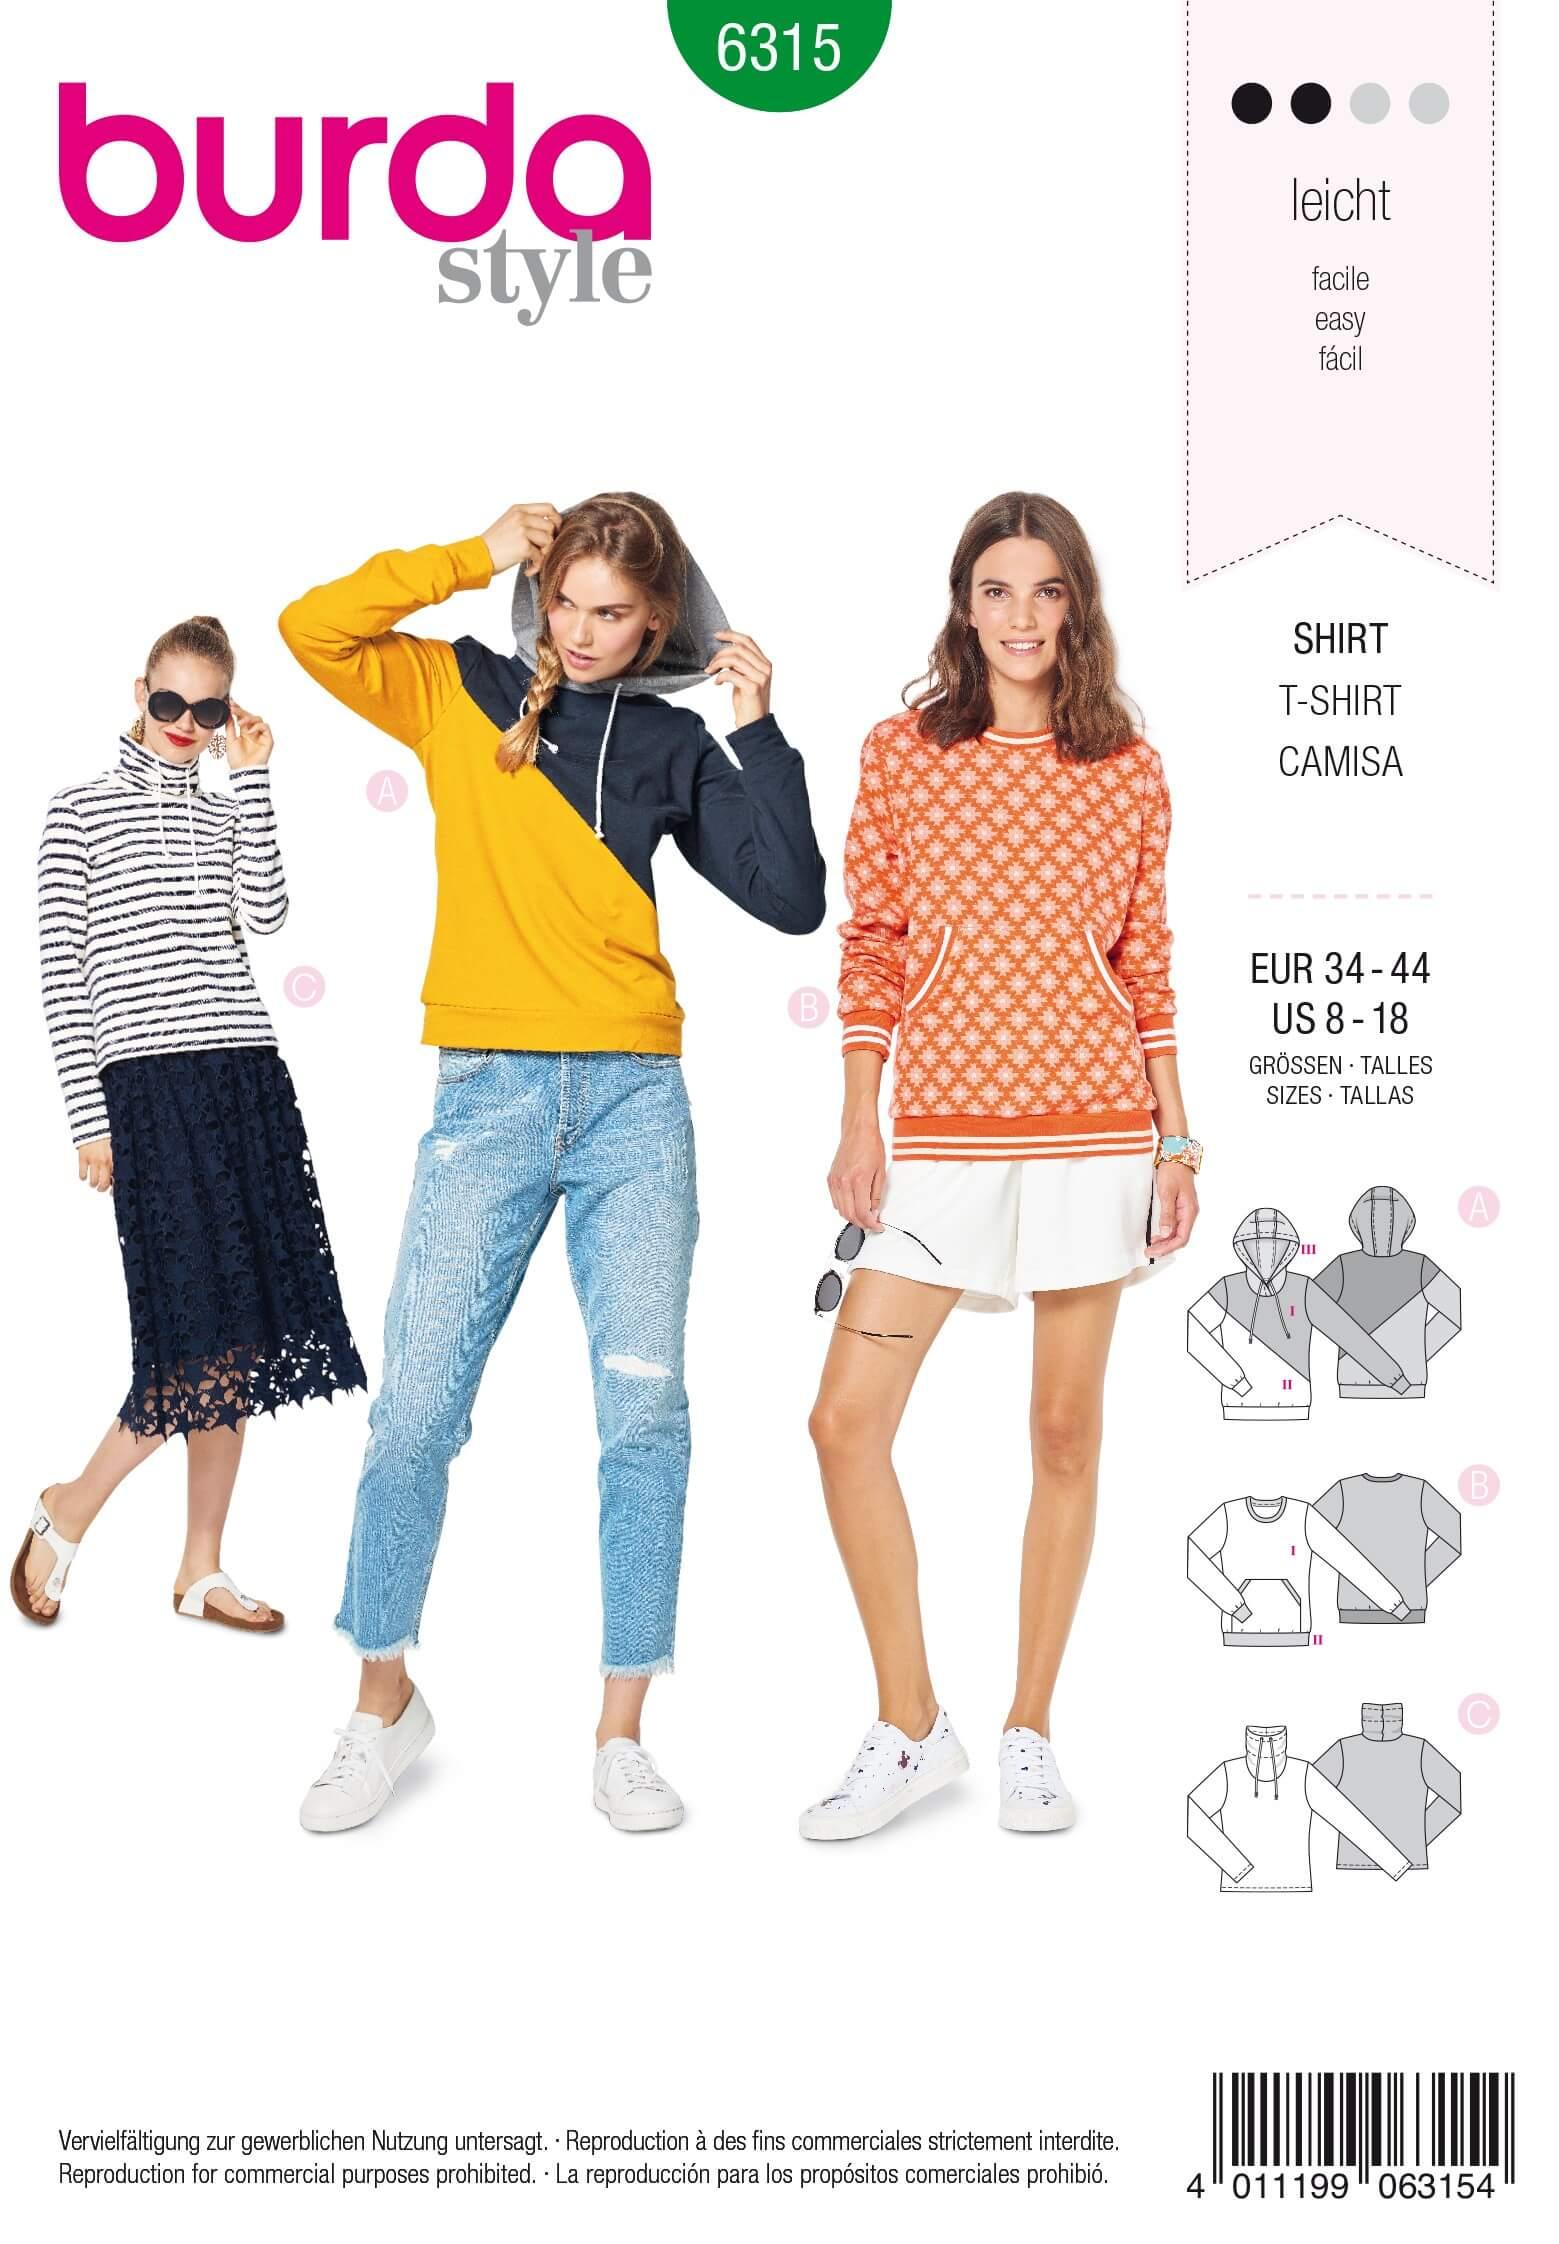 Burda Style Misses Hoodie Sweatshirt Jacket Coat Casual Wear Sewing Pattern 6315